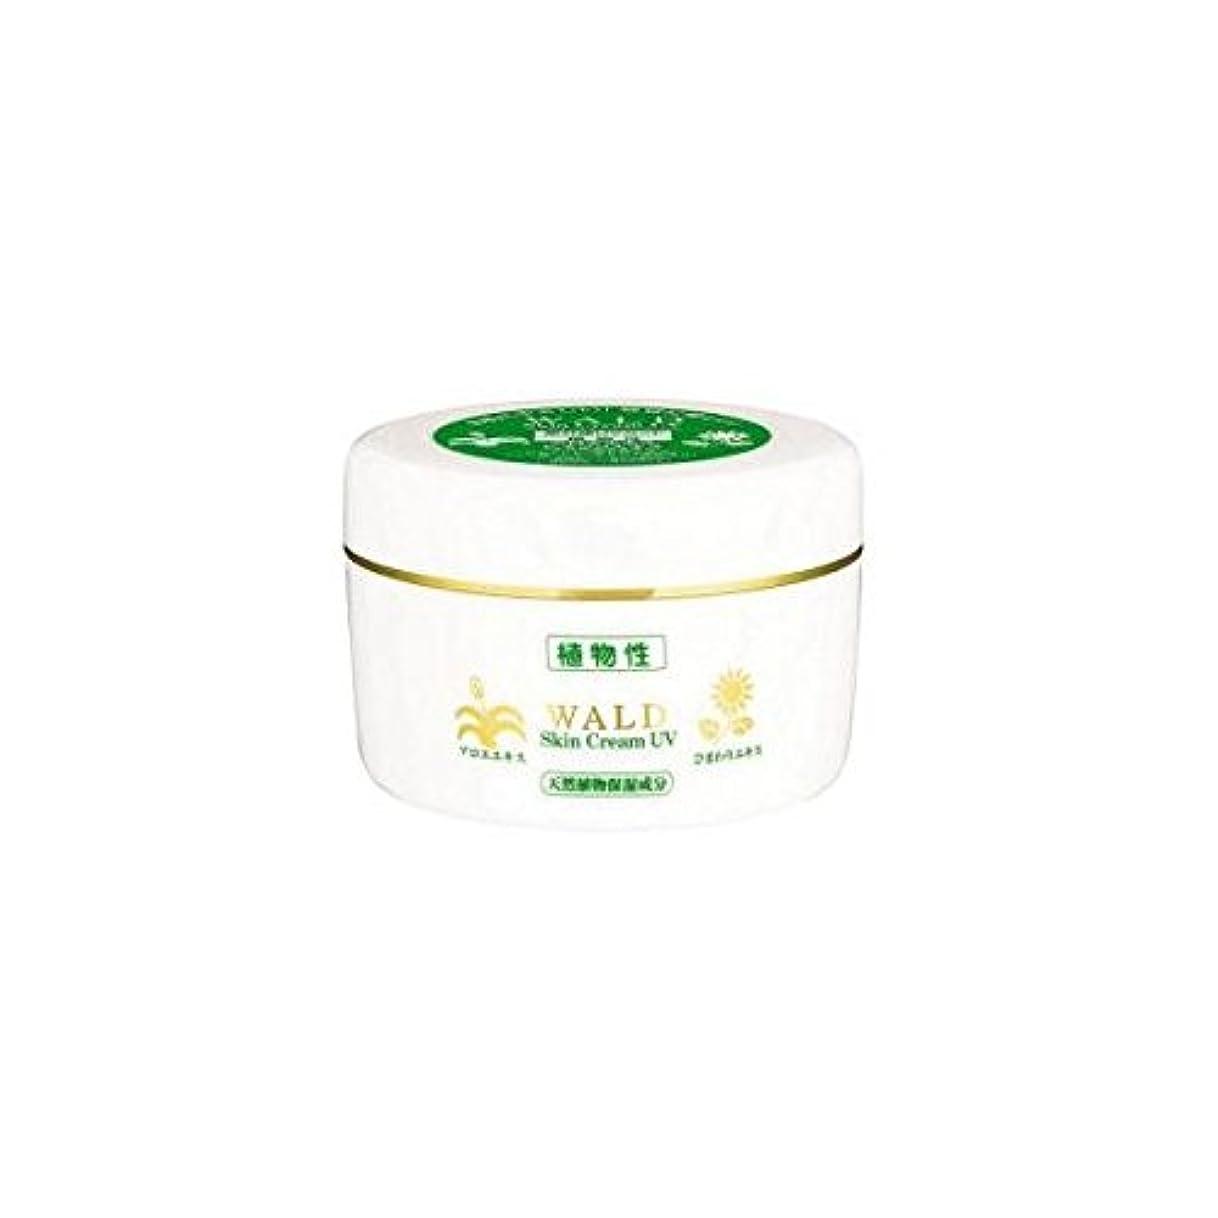 急性設置ベリー新 ヴァルトスキンクリーム UV (WALD Skin Cream UV) 220g (1)